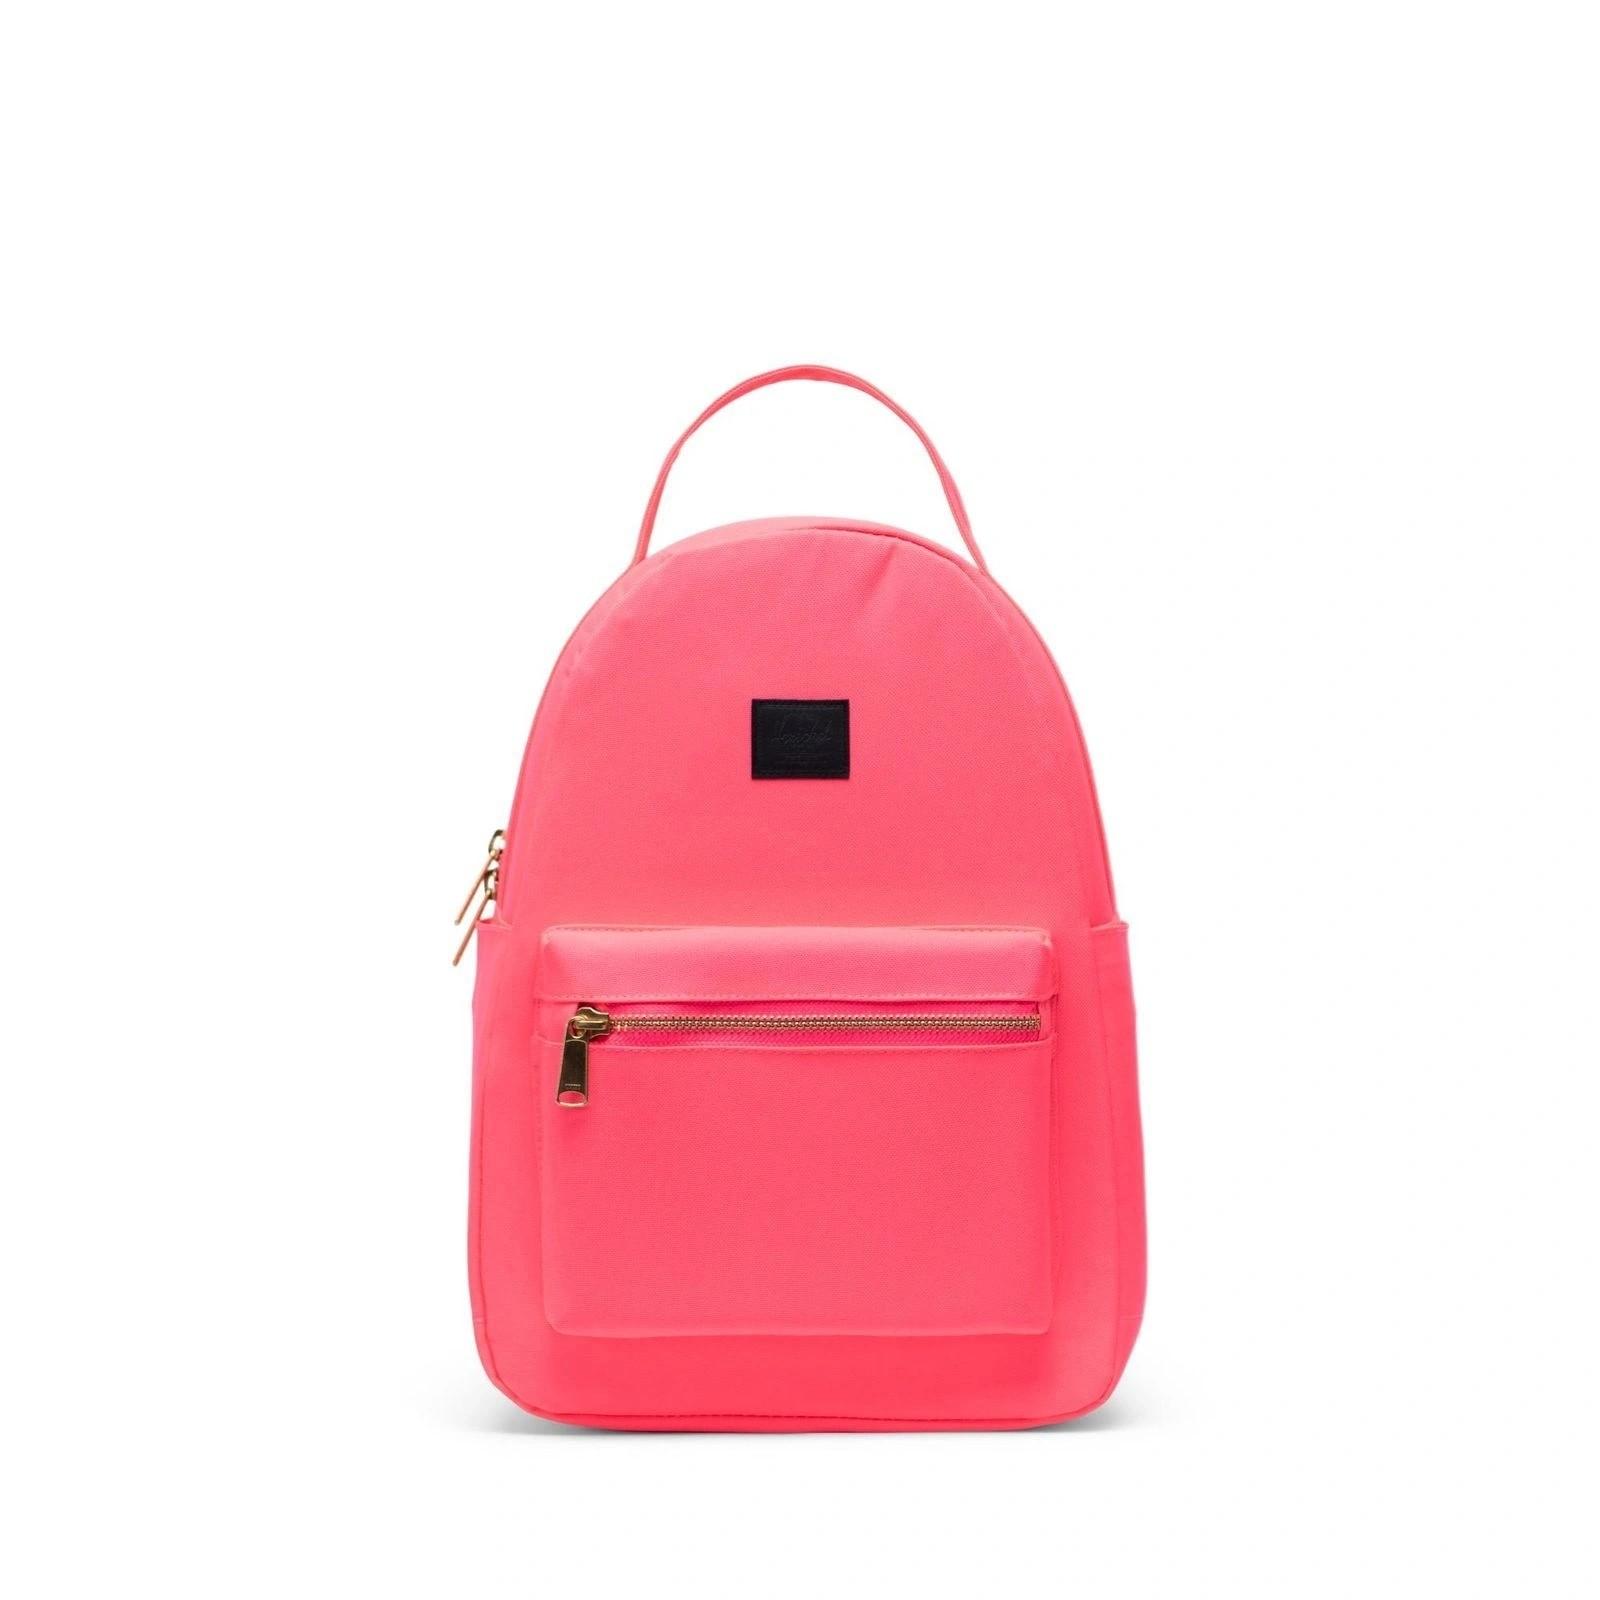 Herschel Sırt Çantası Nova Small Neon Pink/Black